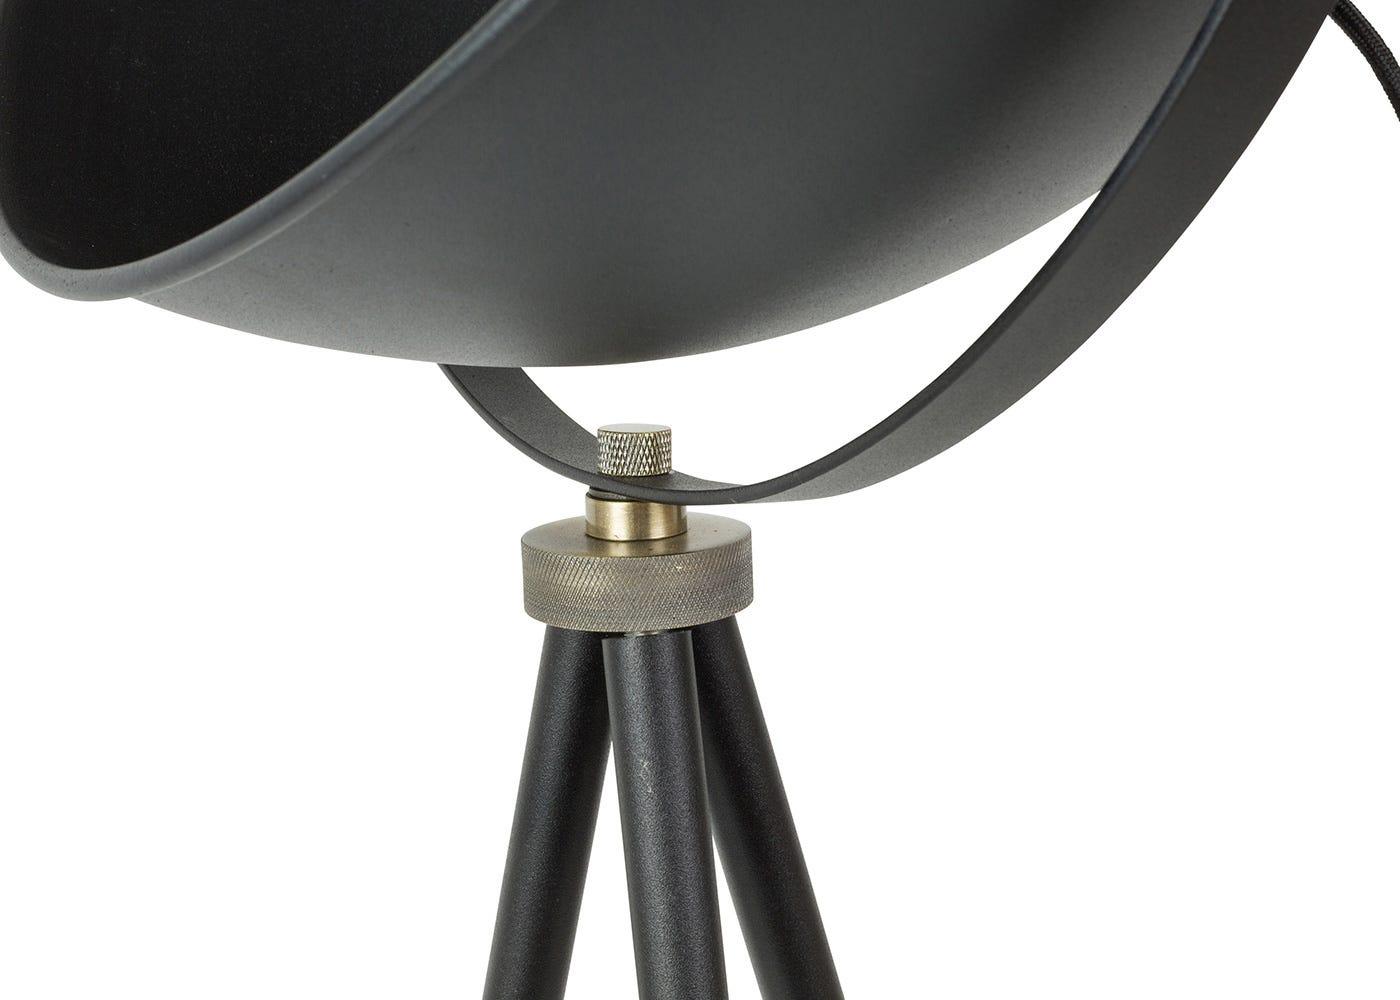 Charlie floor light adjustable head detail